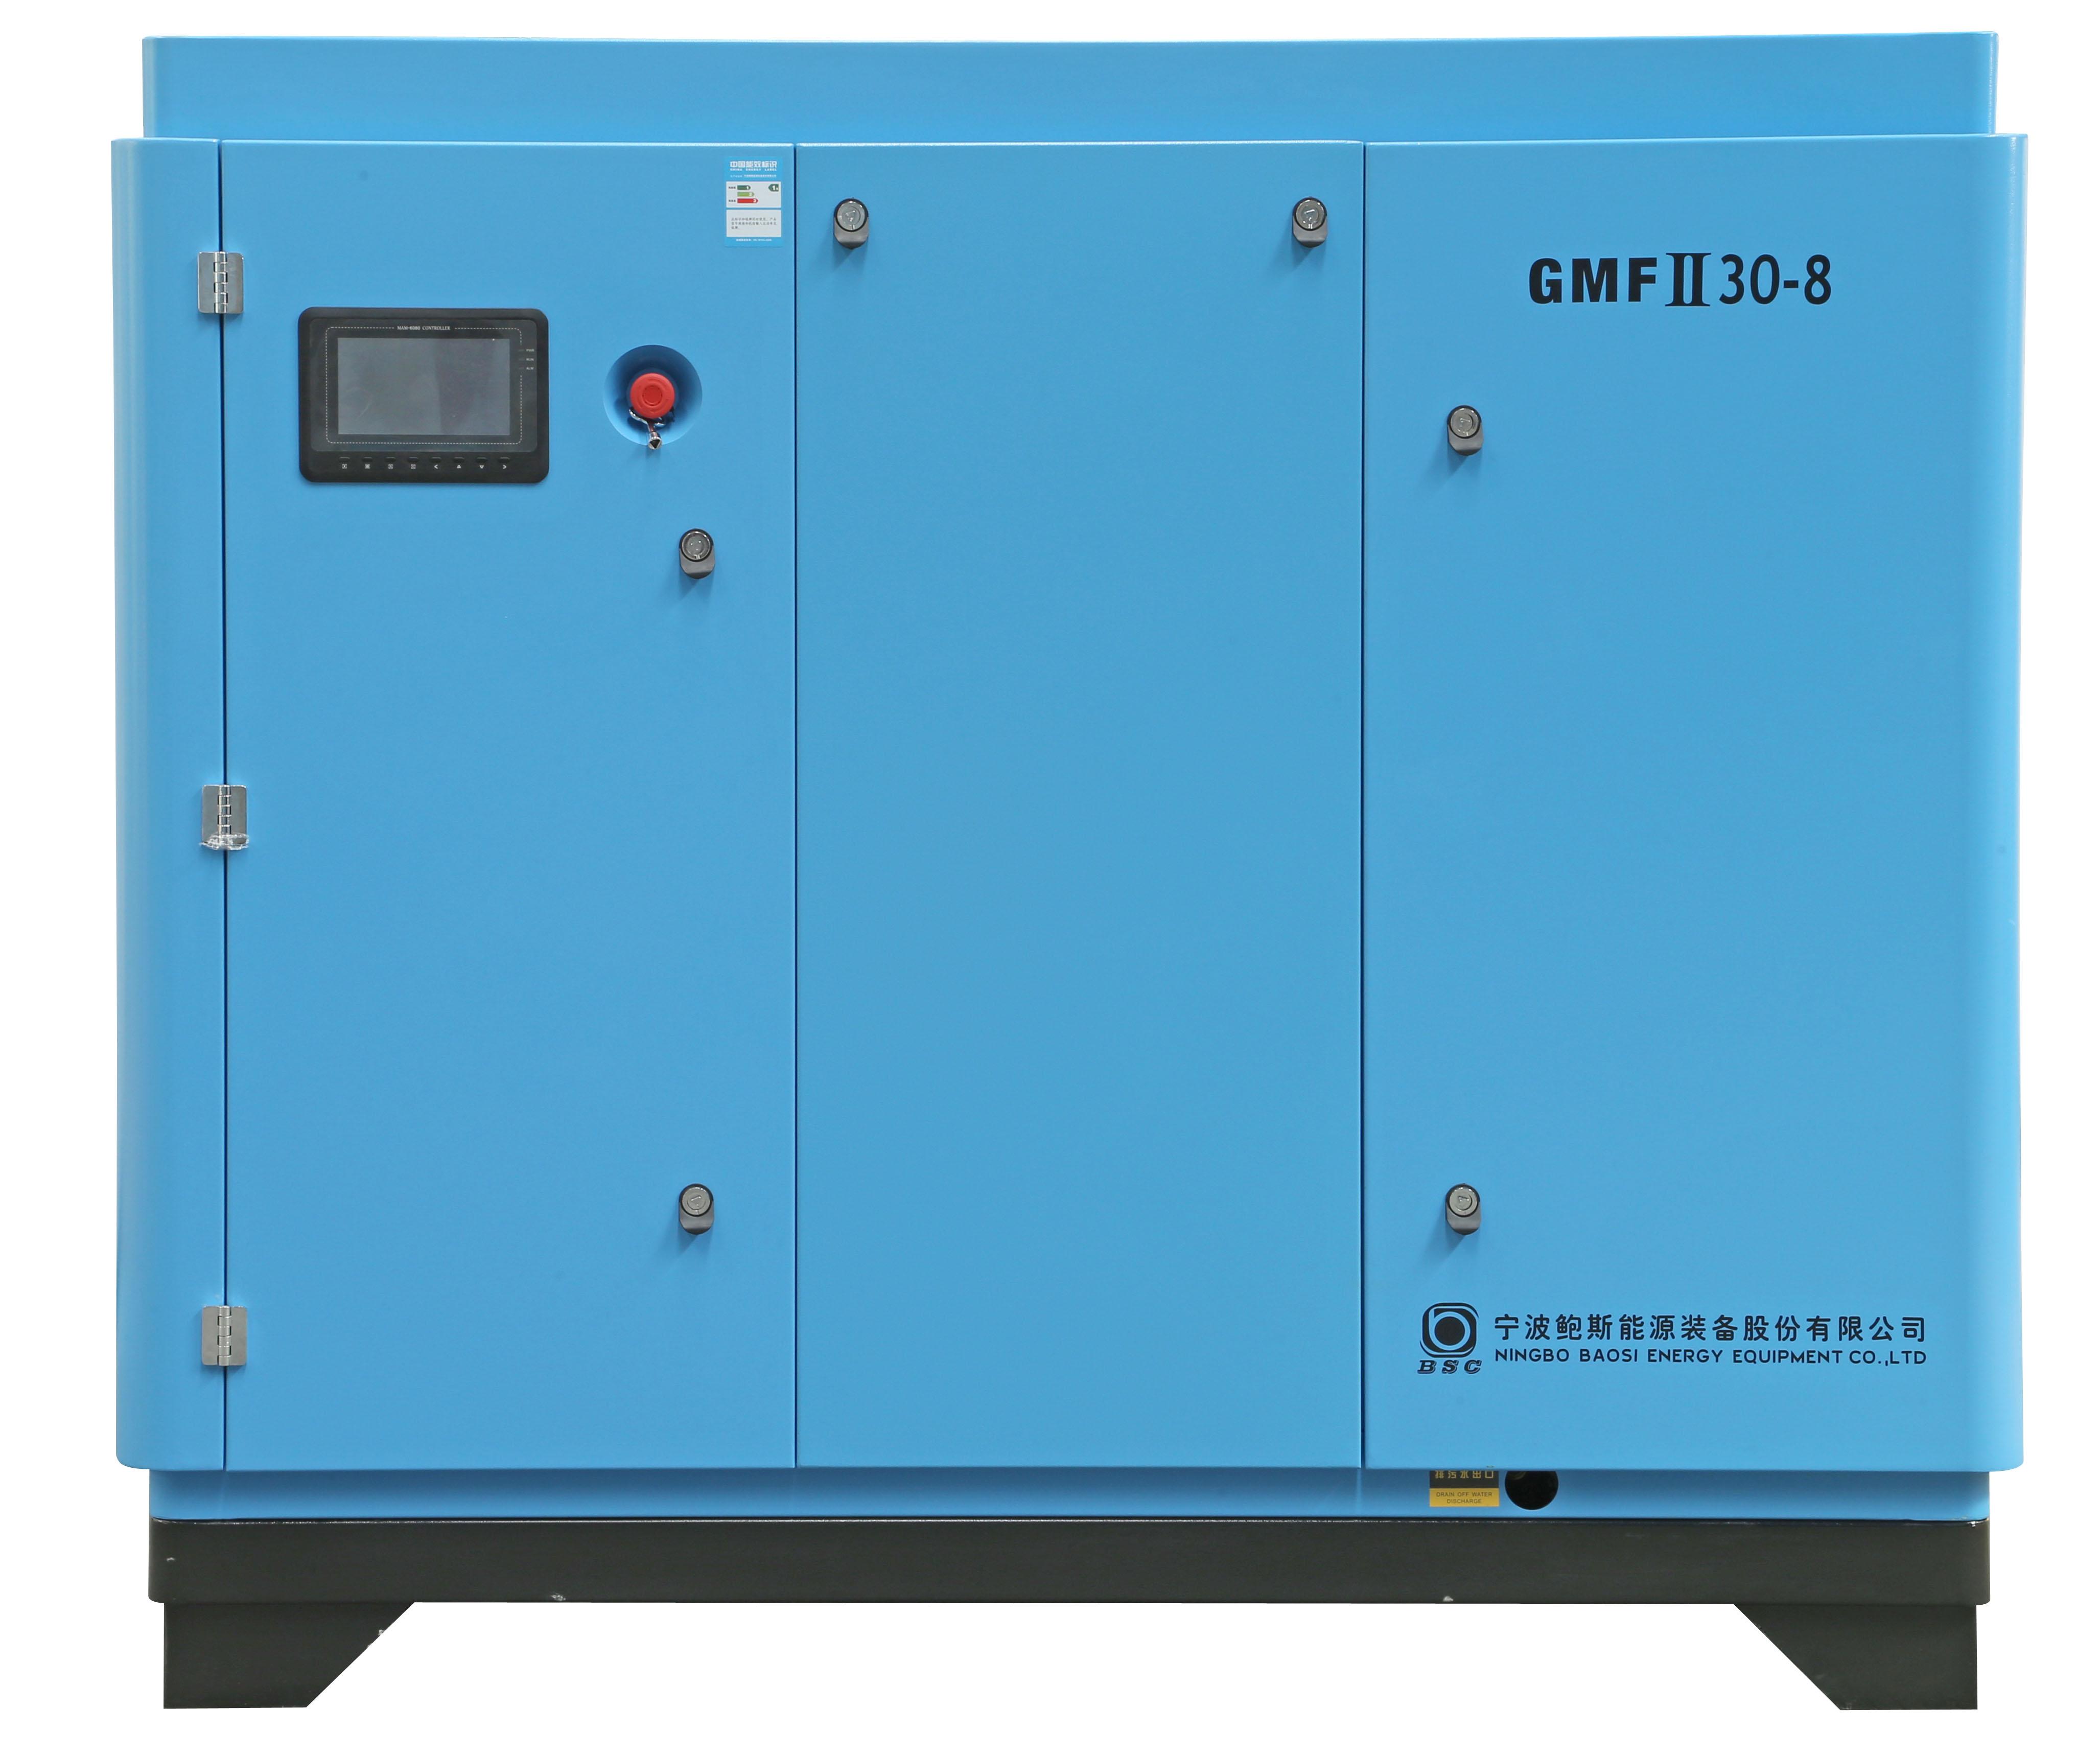 鲍斯无油永磁变频螺杆式空气压缩机 二级无油静音螺杆式空压机 鲍斯无油永磁变频空气压缩机